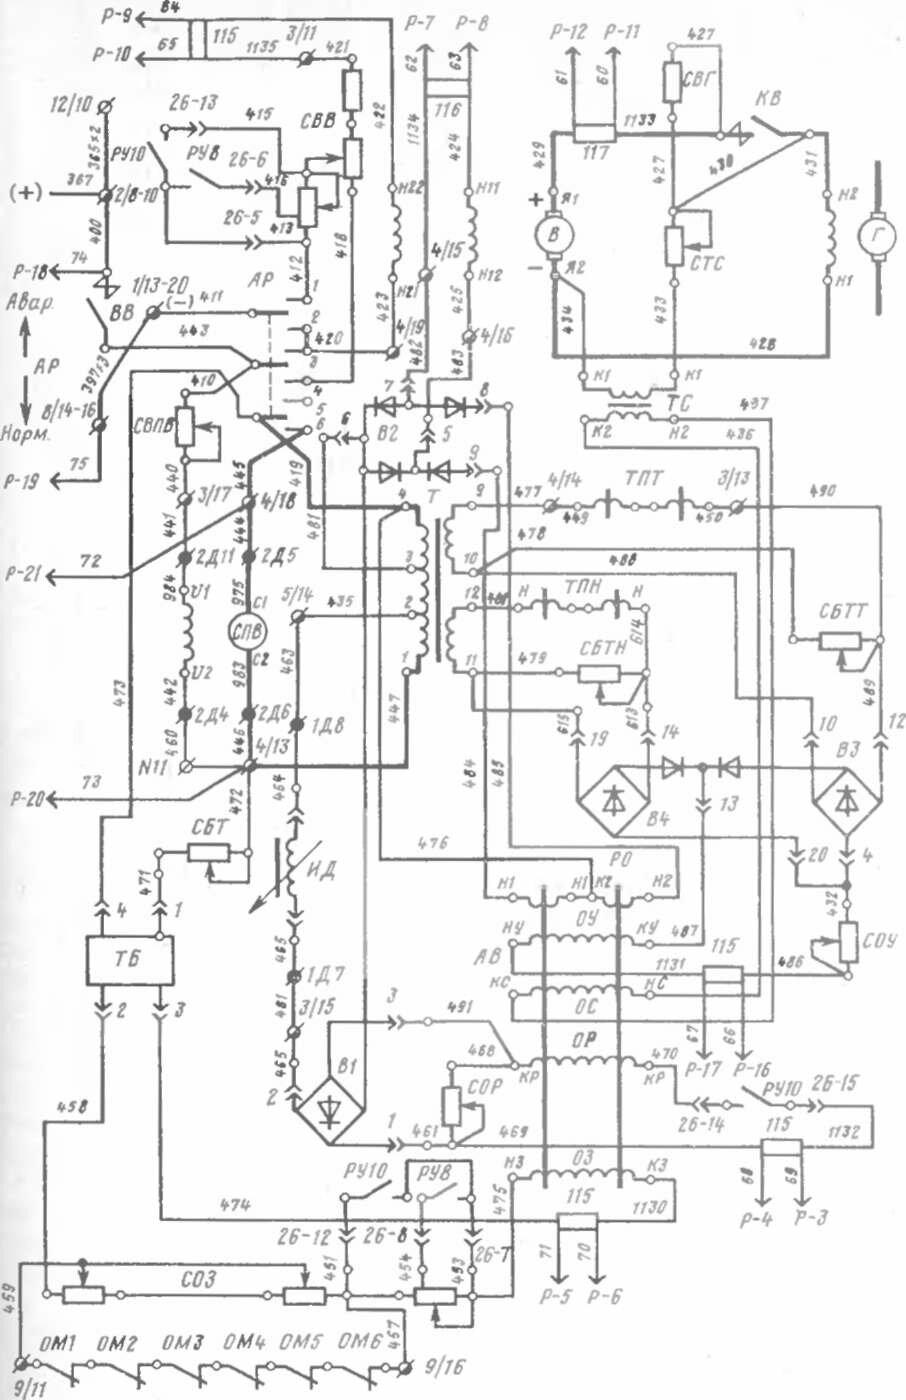 двигатель постоянного тока мн 145 схема подключения